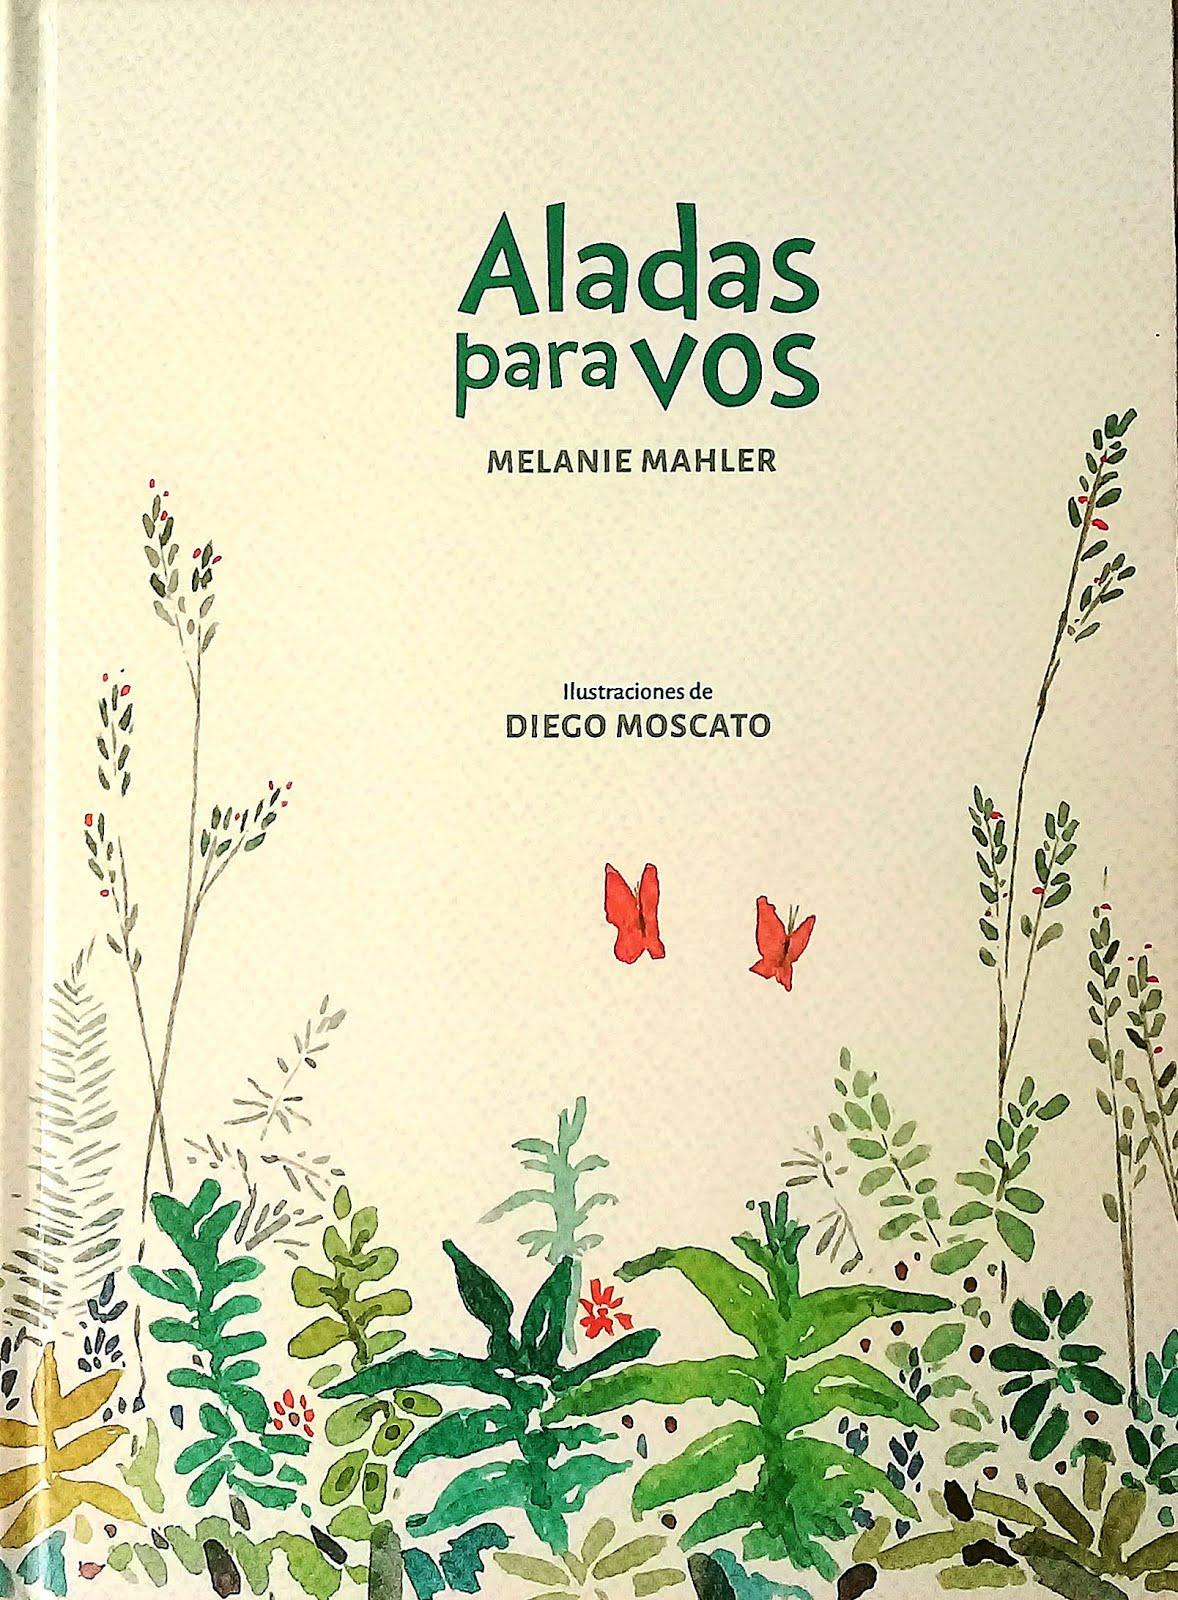 Moisen Ediciones